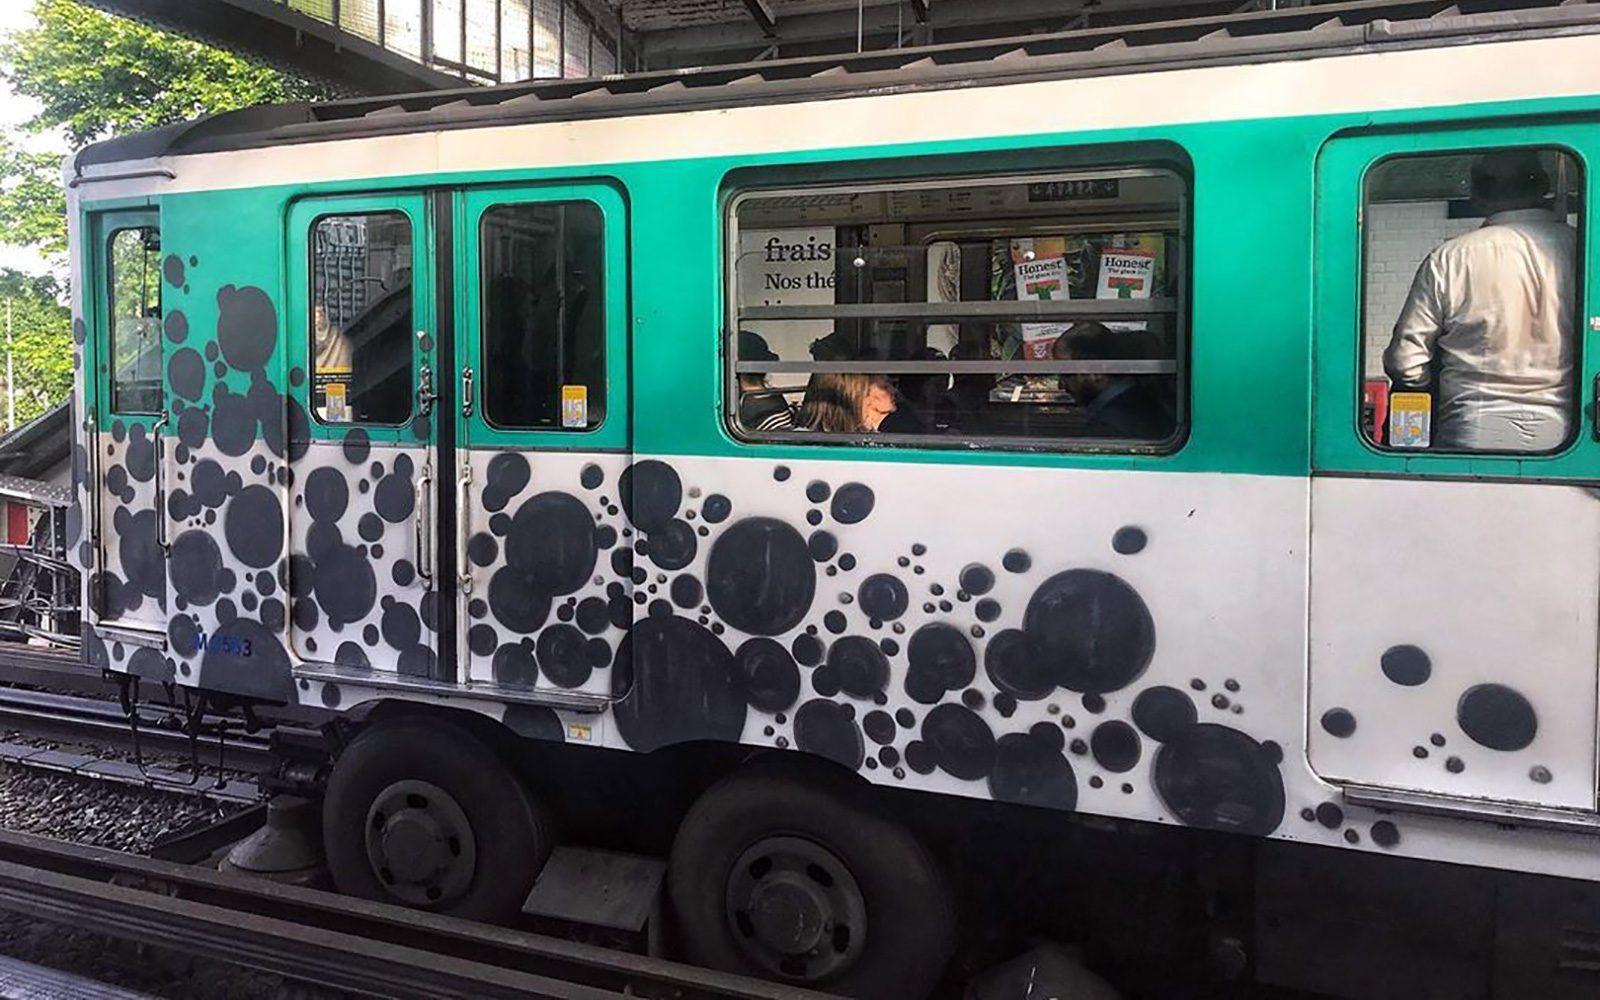 Quand le graffiti abstrait s'empare du métro parisien